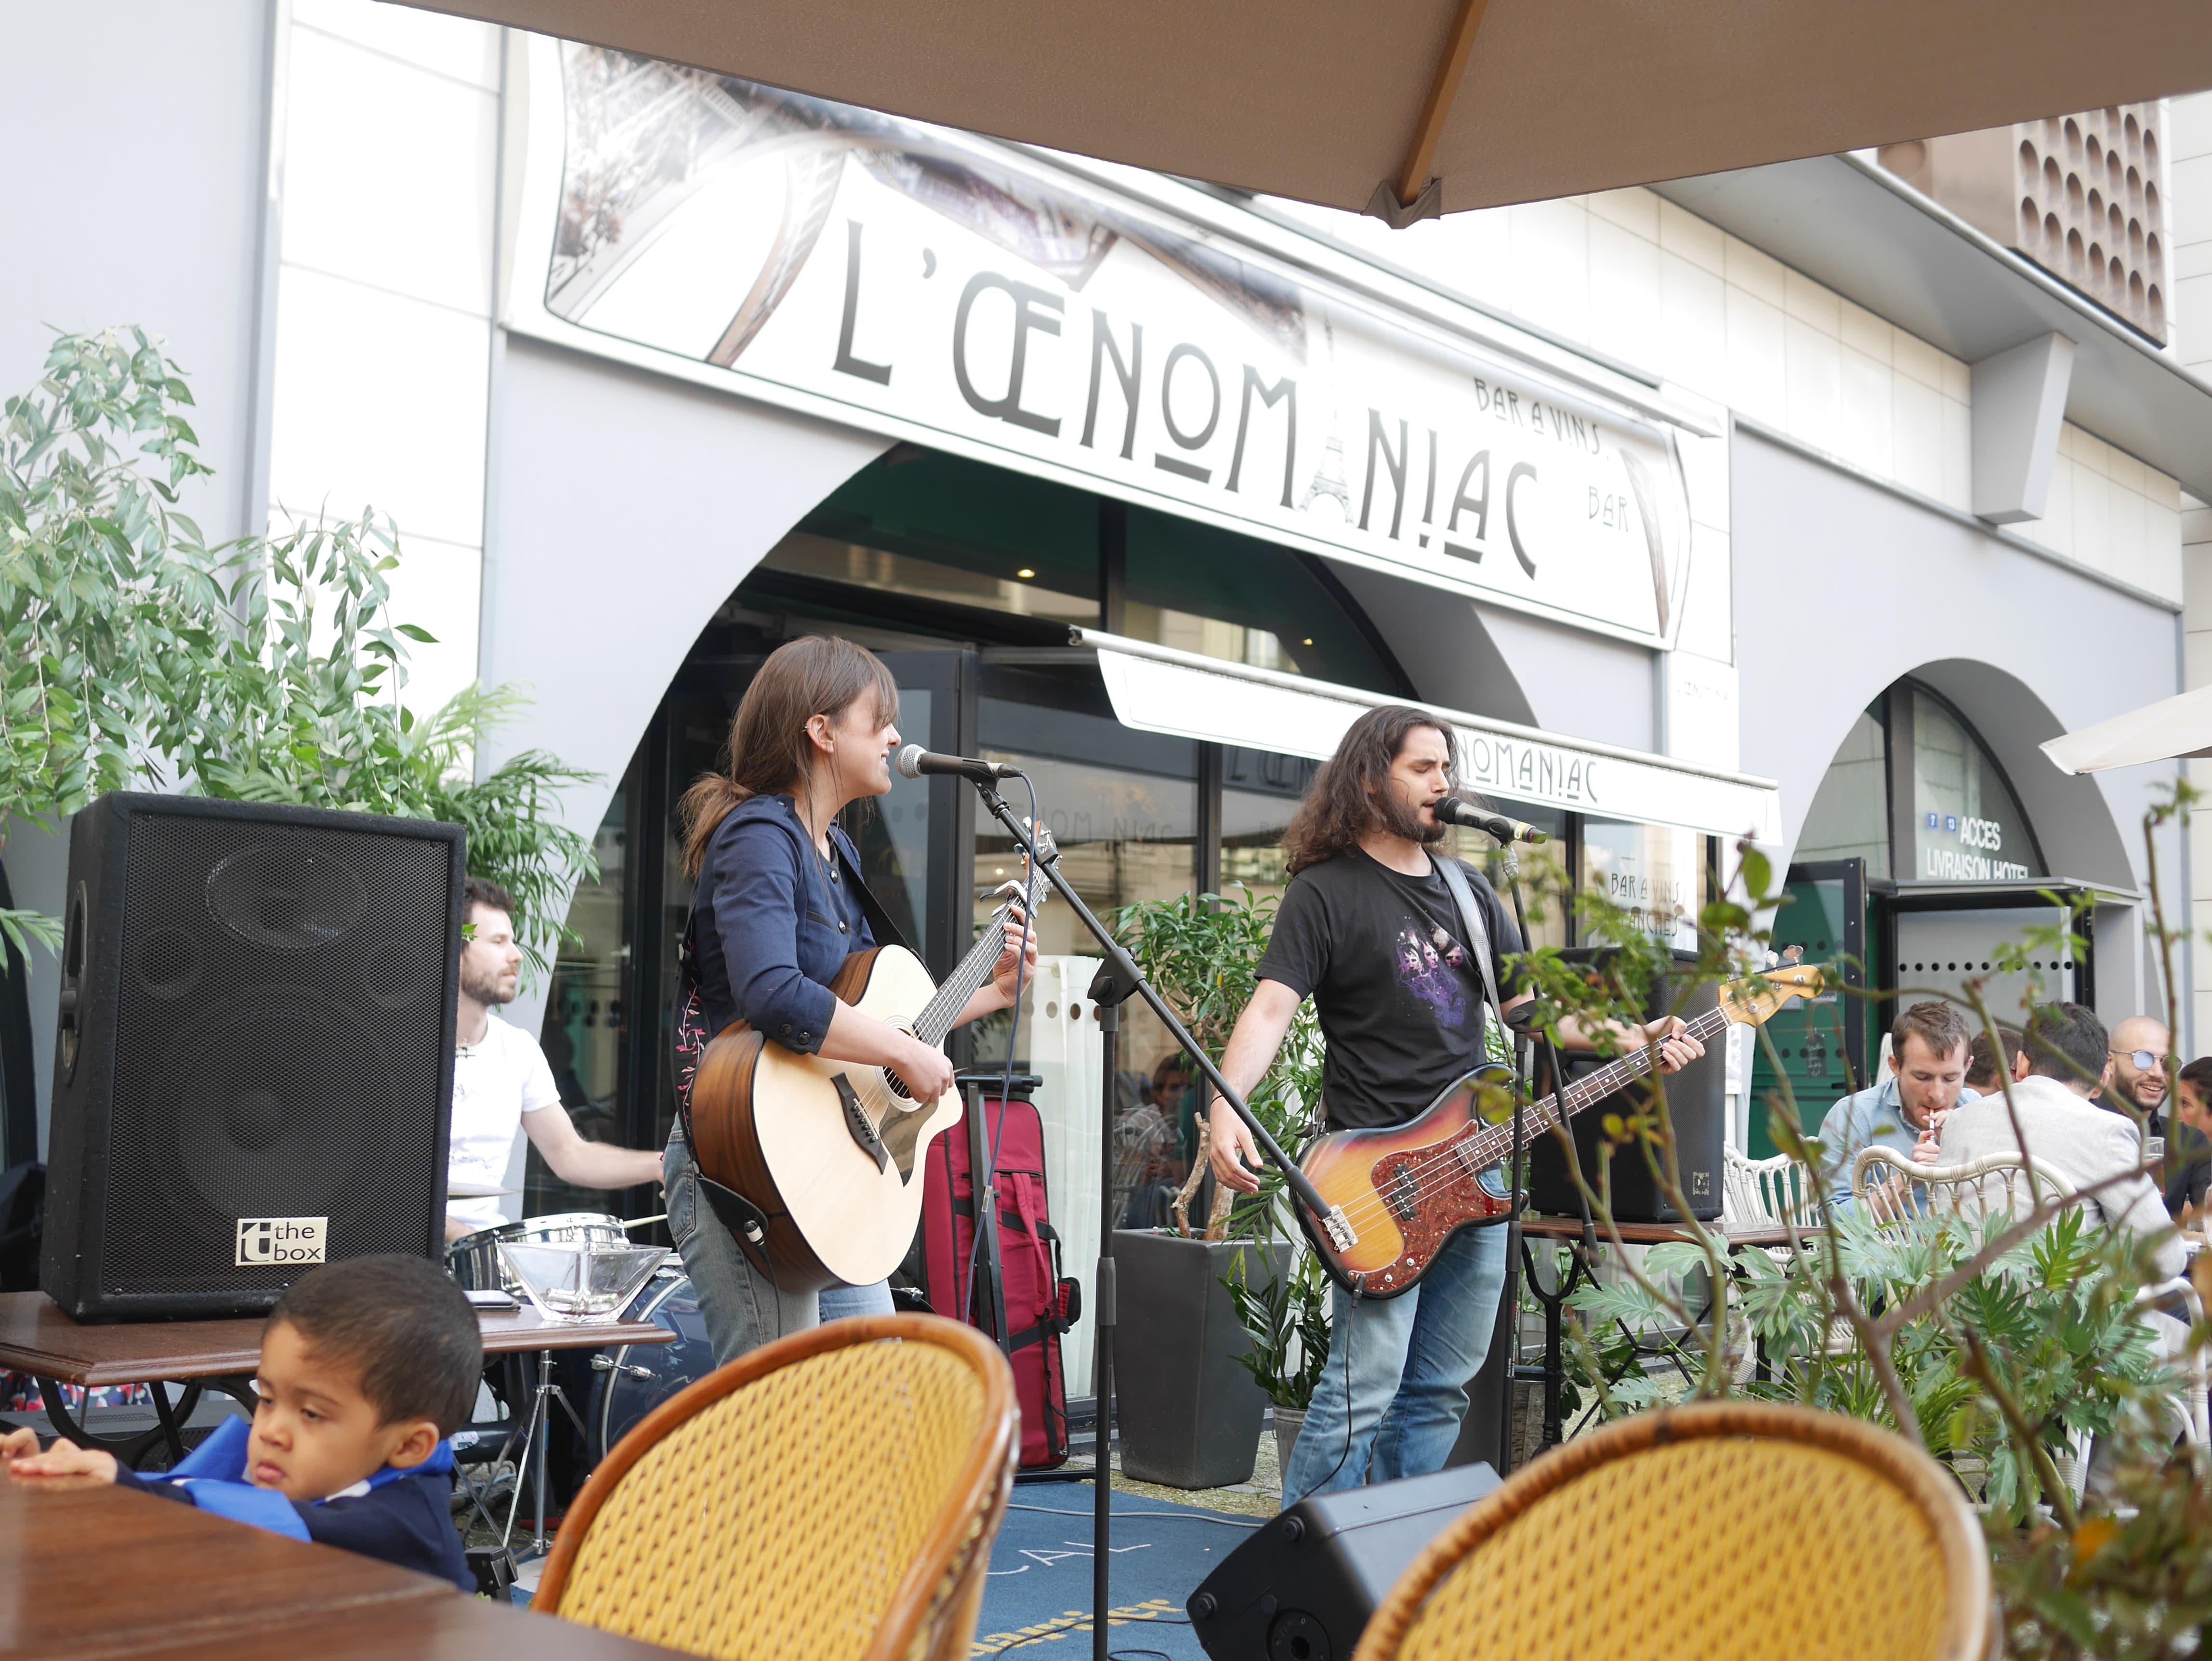 Musiciens et groupe de musique cherche bar à Lyon pour jouer !